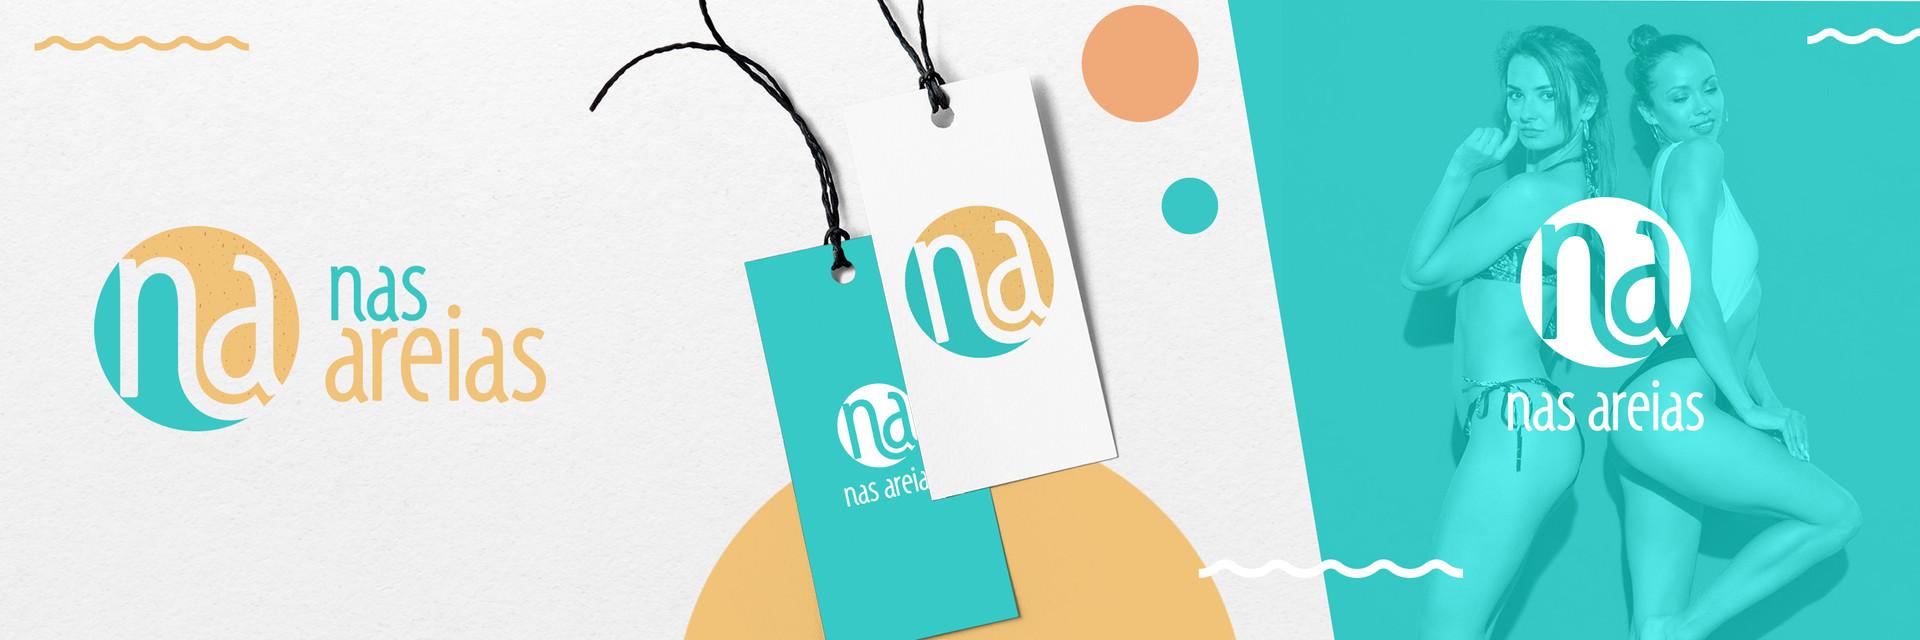 Logotipo Nas Areias